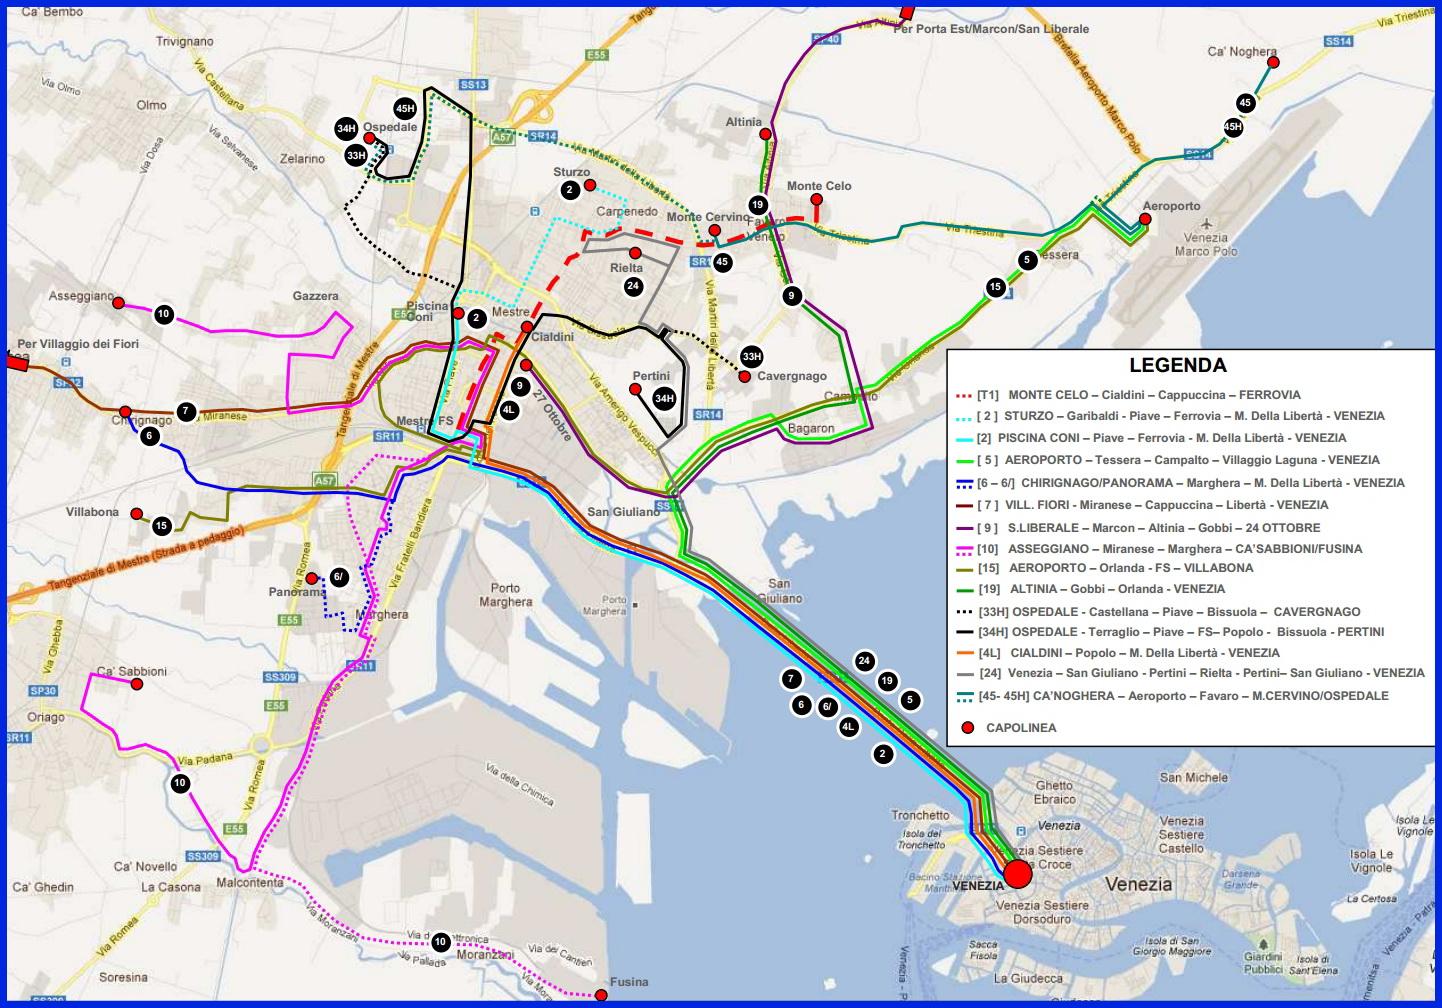 Венеция_схема автобусных маршрутов островной и материковой части города